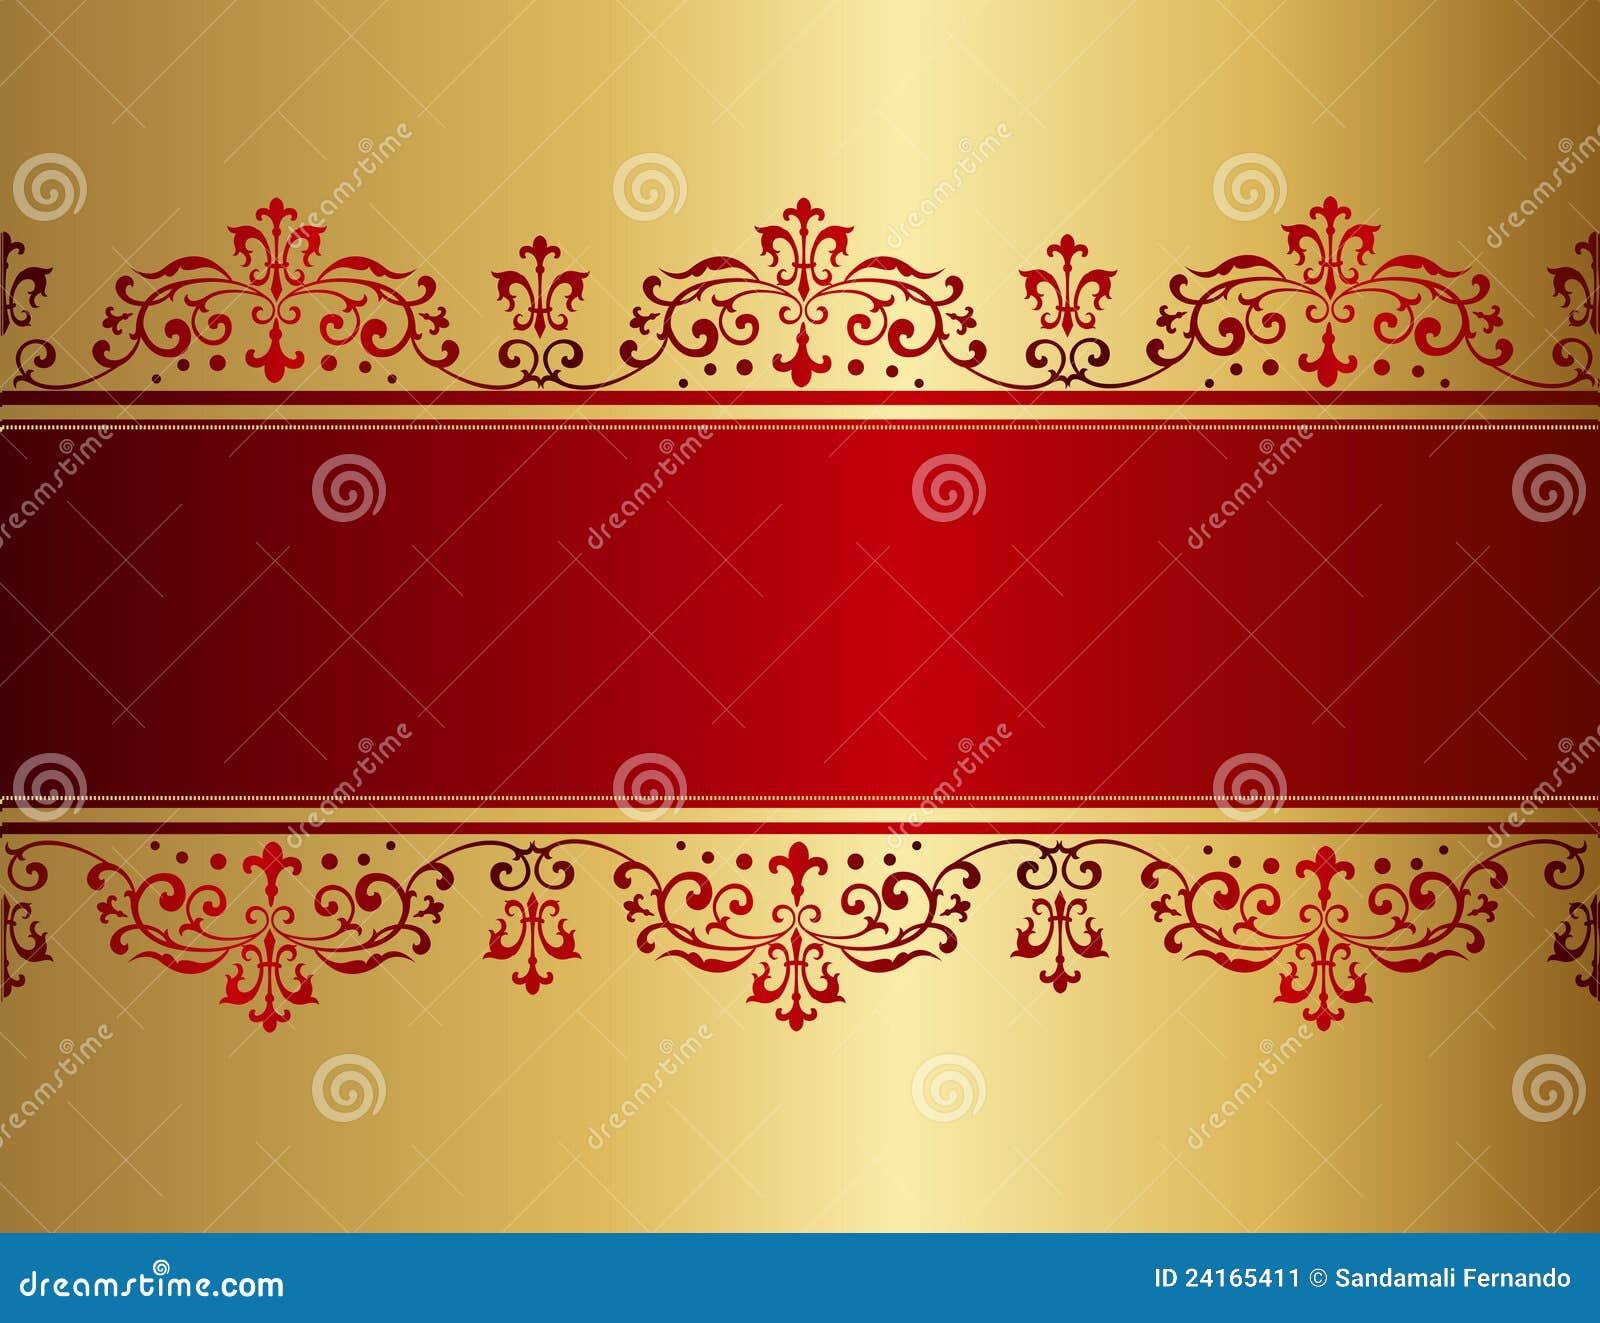 Wedding Invitation Background Stock Image - Image: 24165411